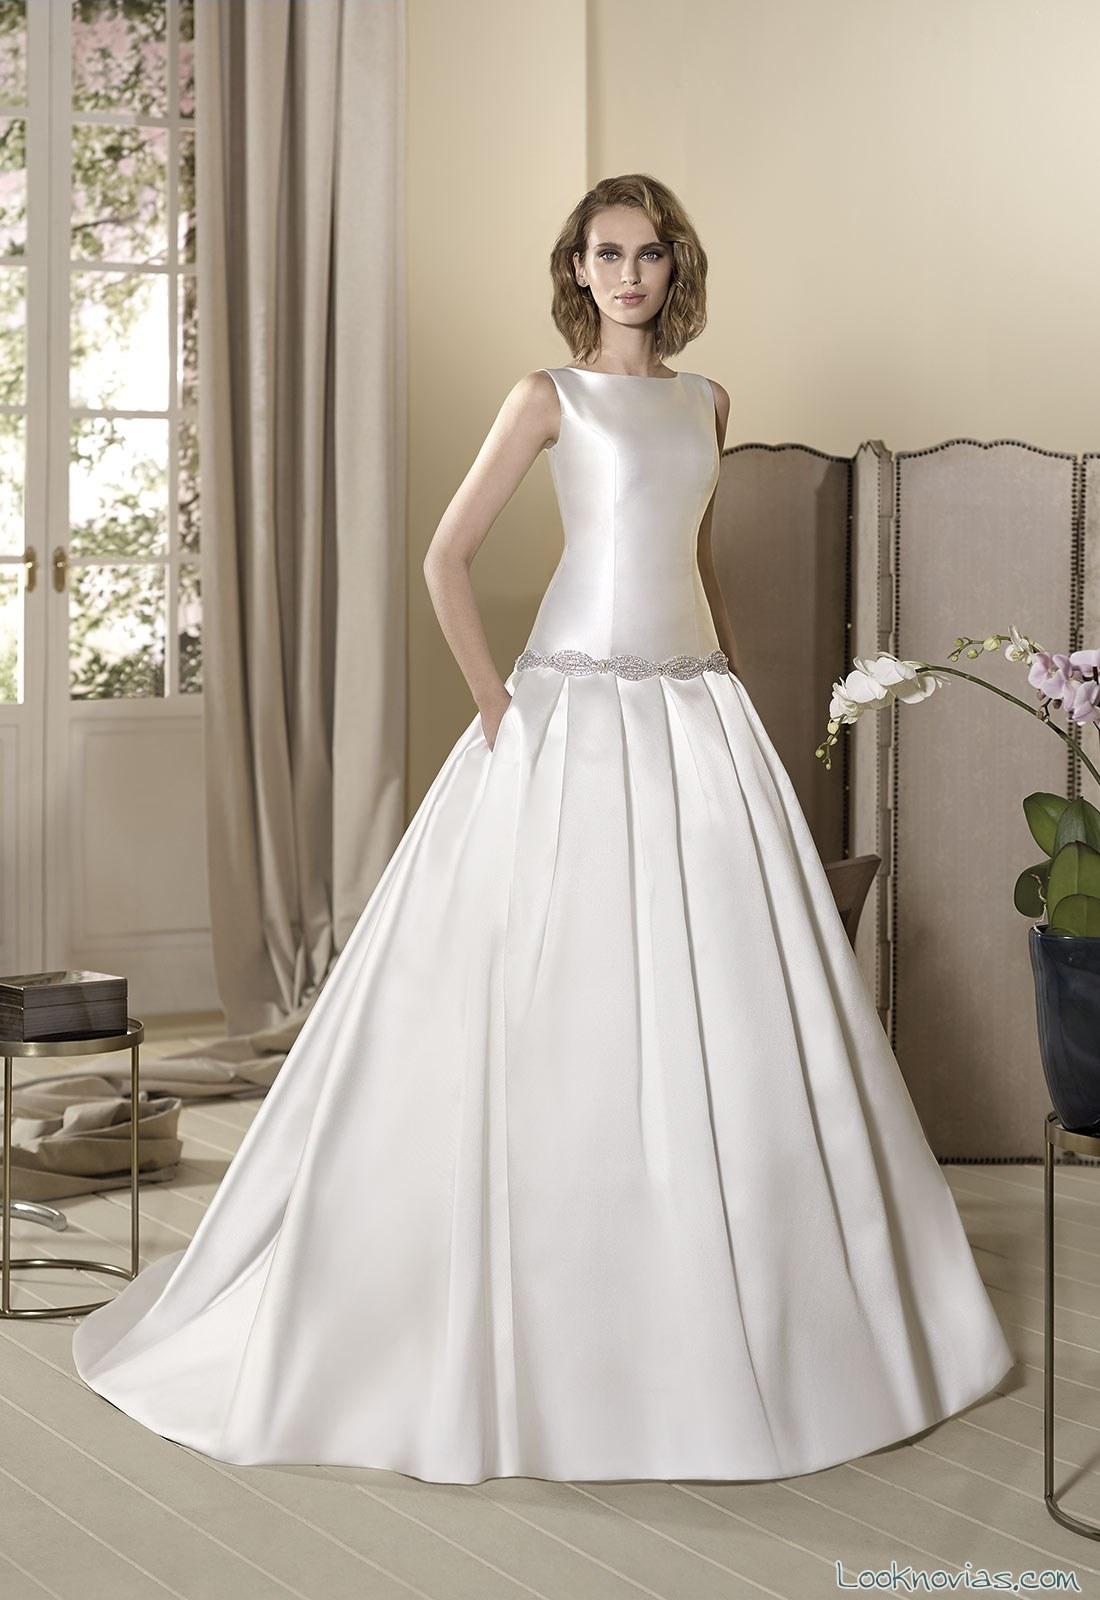 traje de novia cabotine con cuerpo satinado